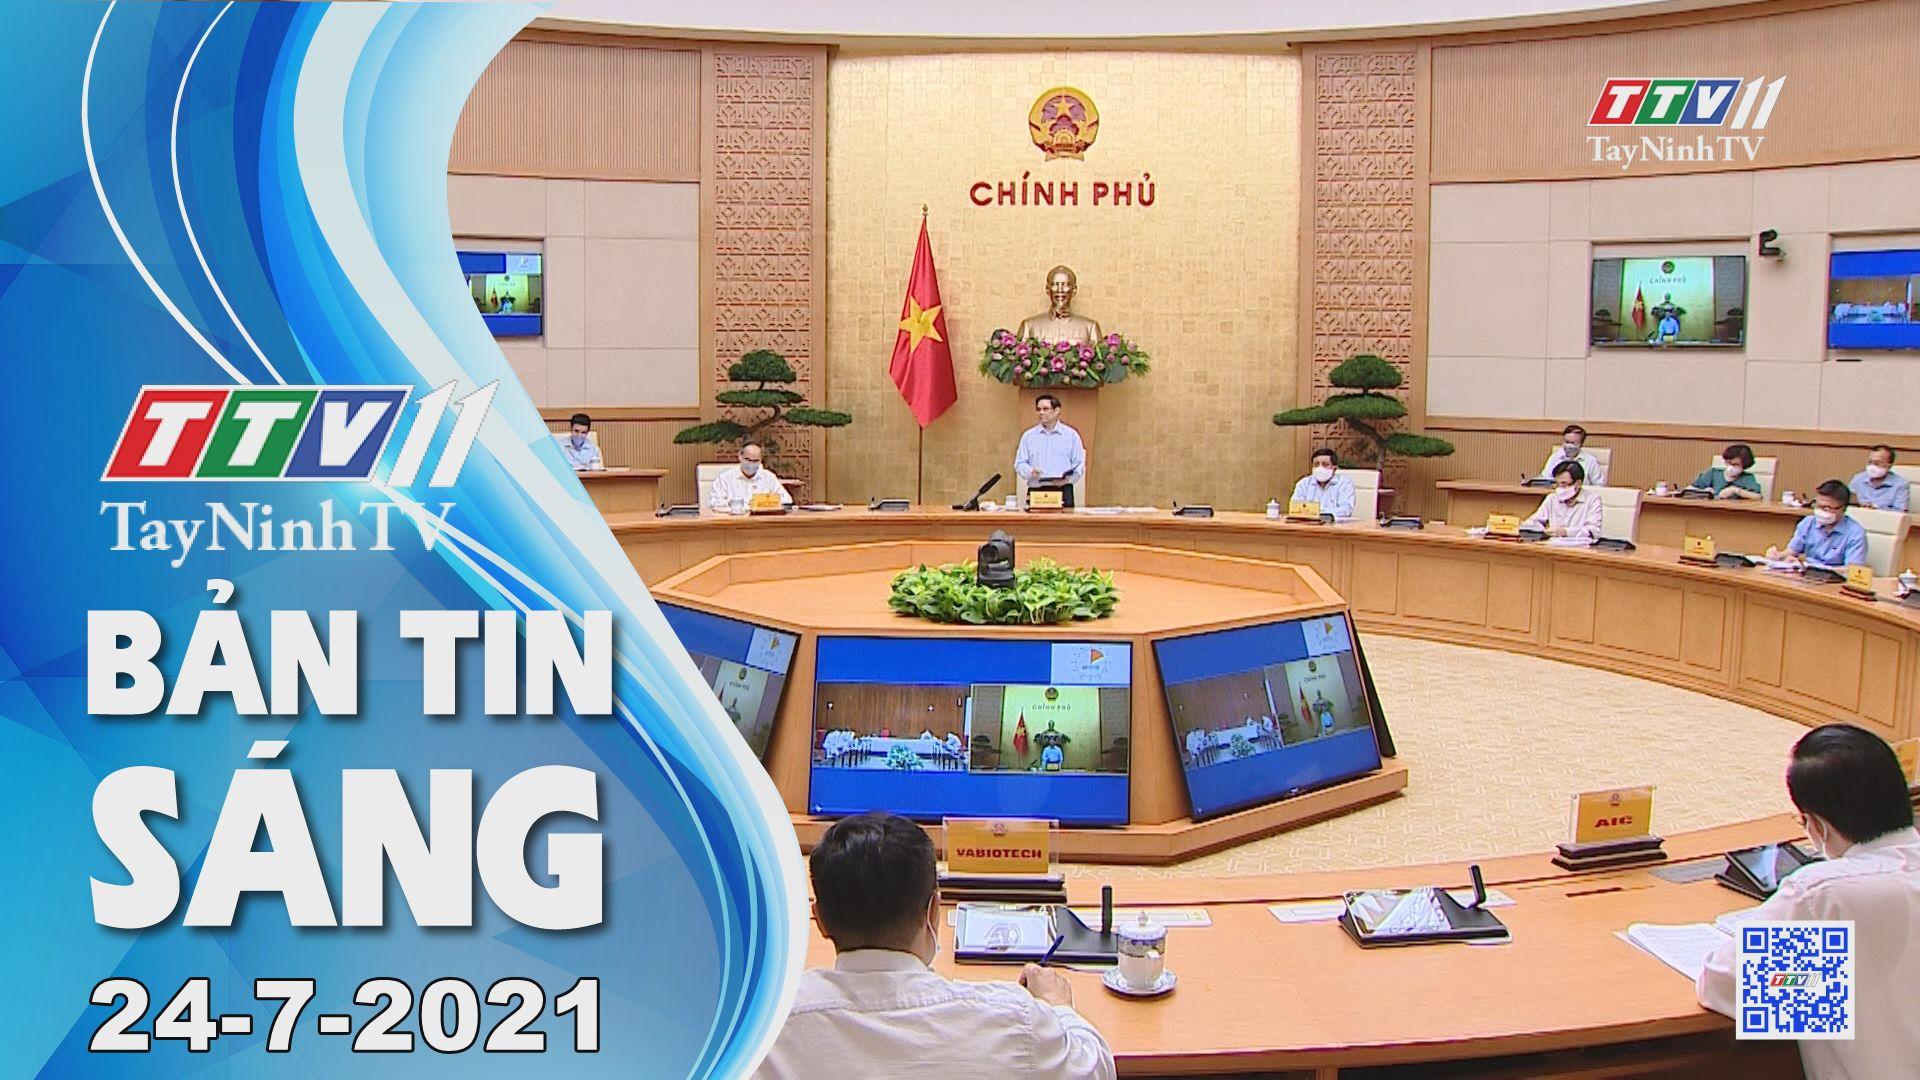 Bản tin sáng 24-7-2021 | Tin tức hôm nay | TayNinhTV